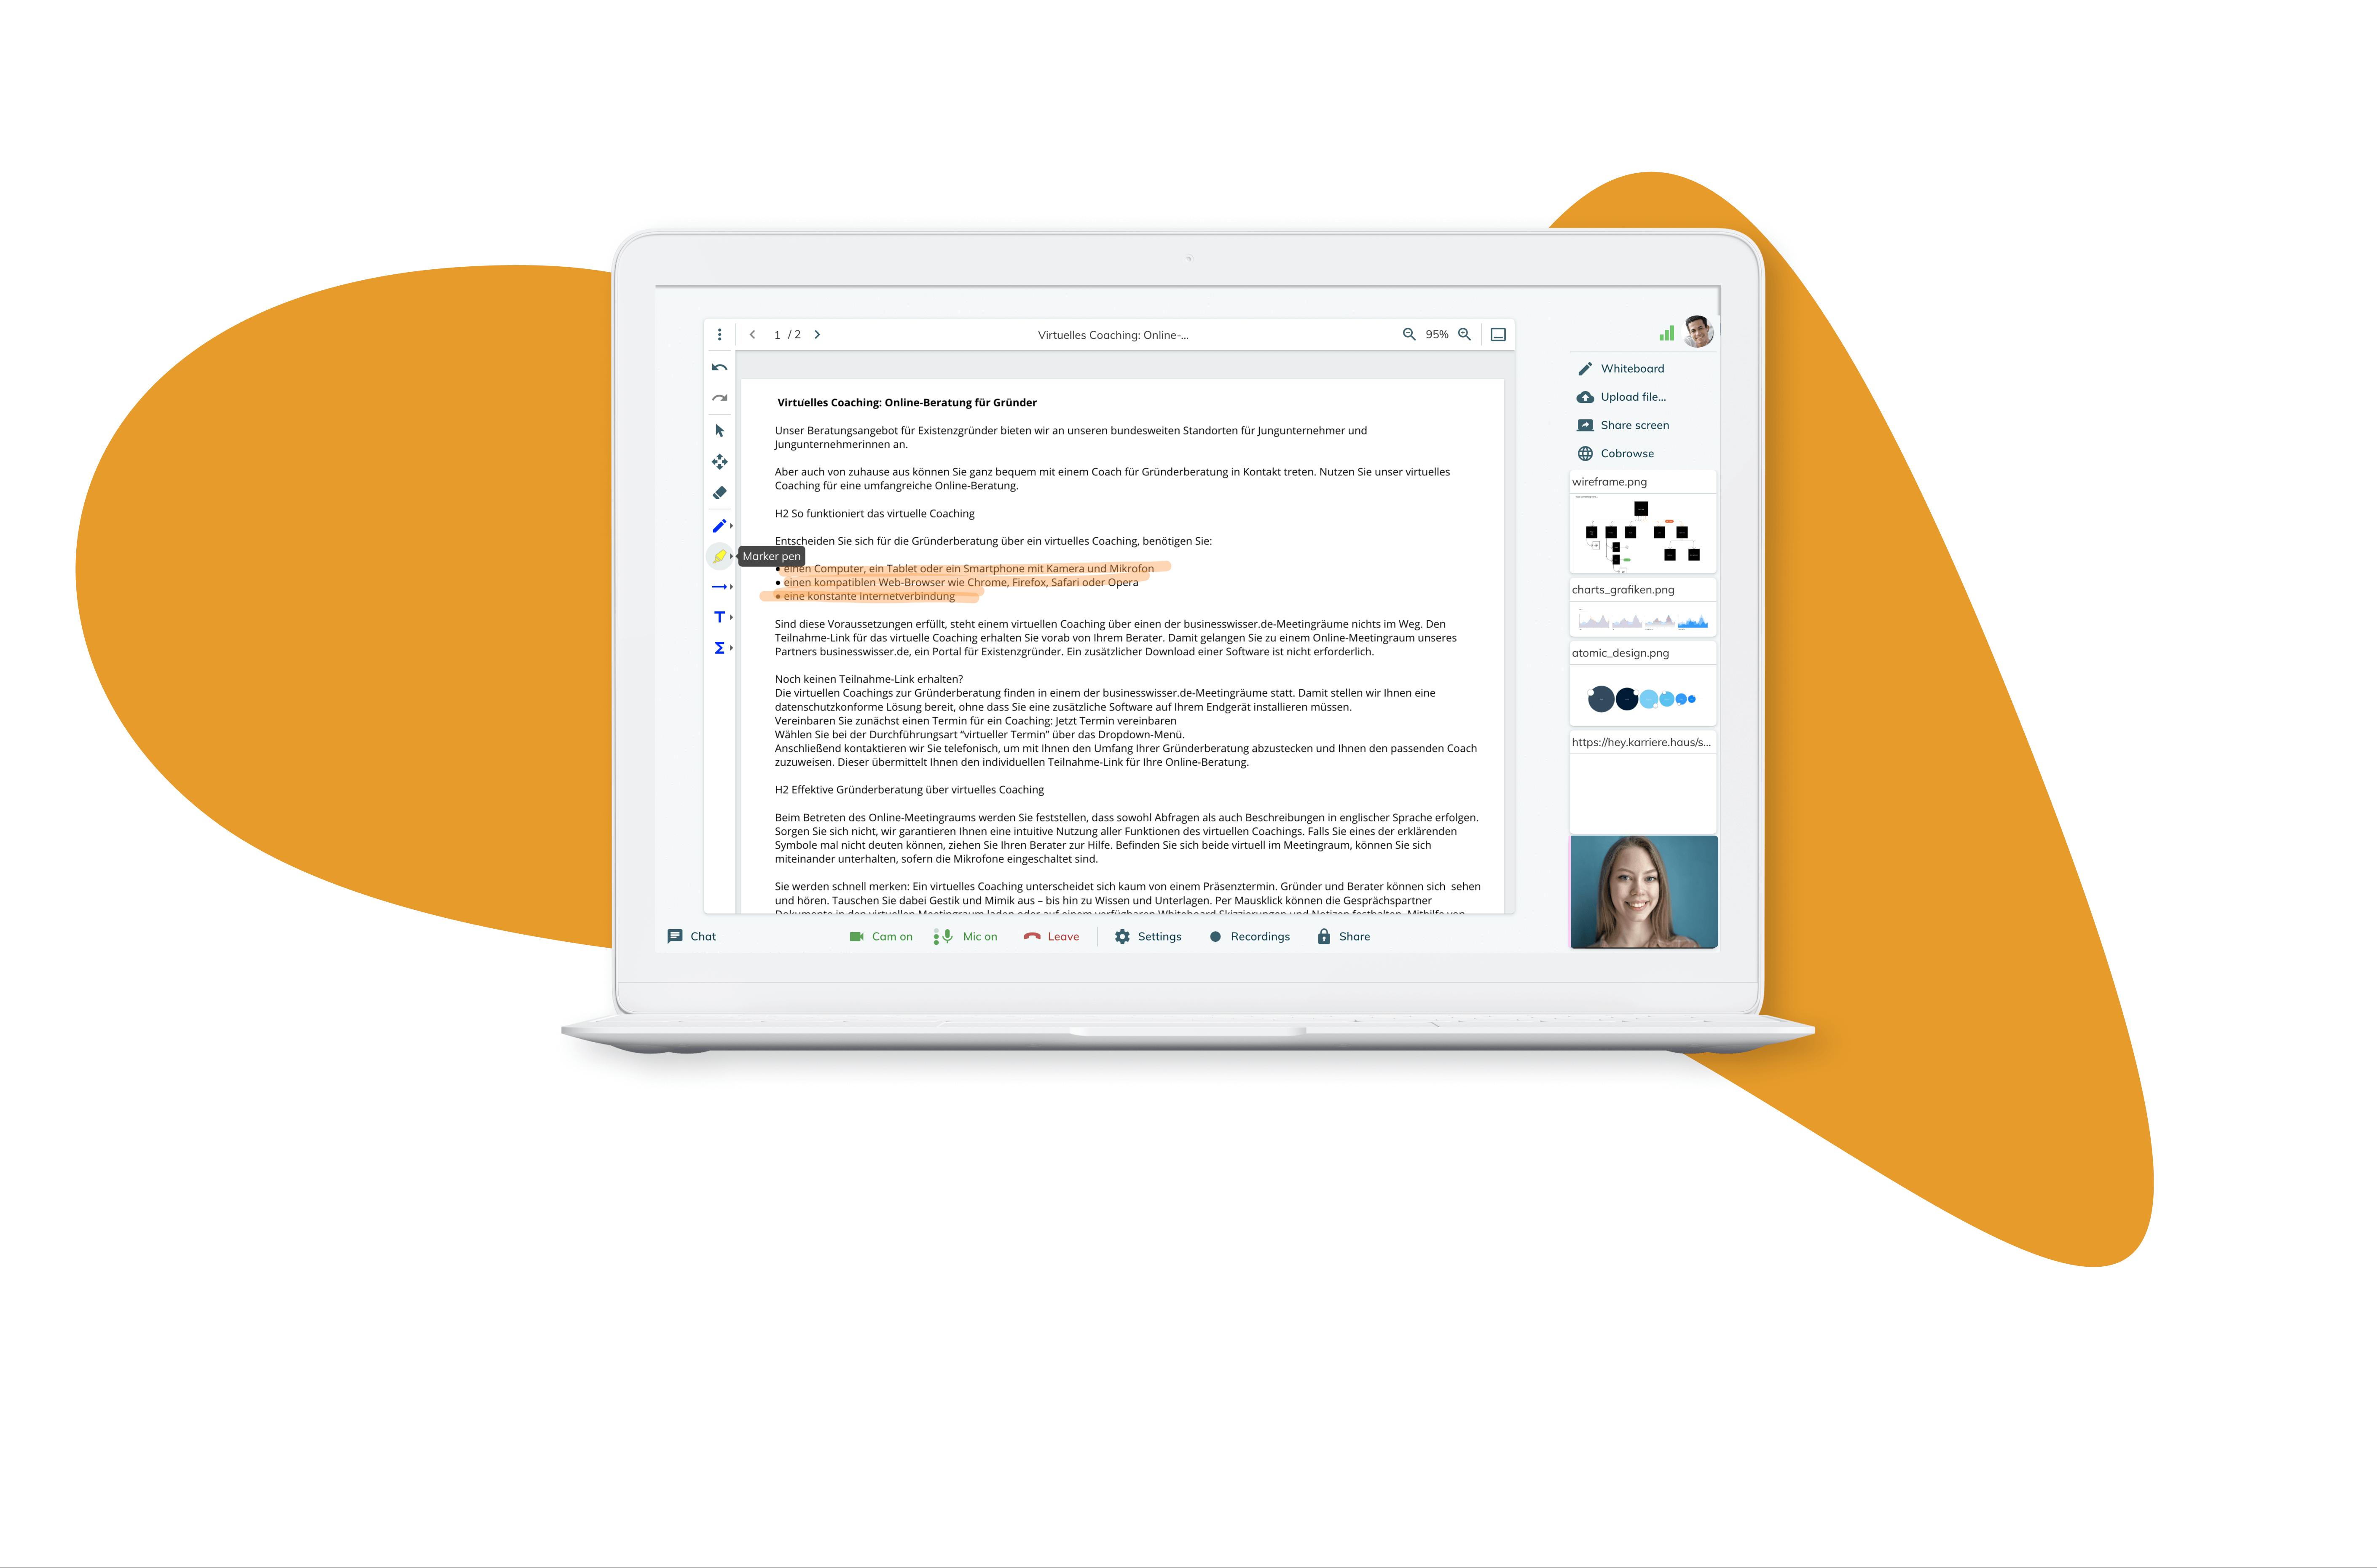 Dokumentieren oder protokollieren Sie Ihre Online-Beratung über das interaktive Whiteboard direkt im Meetingraum.